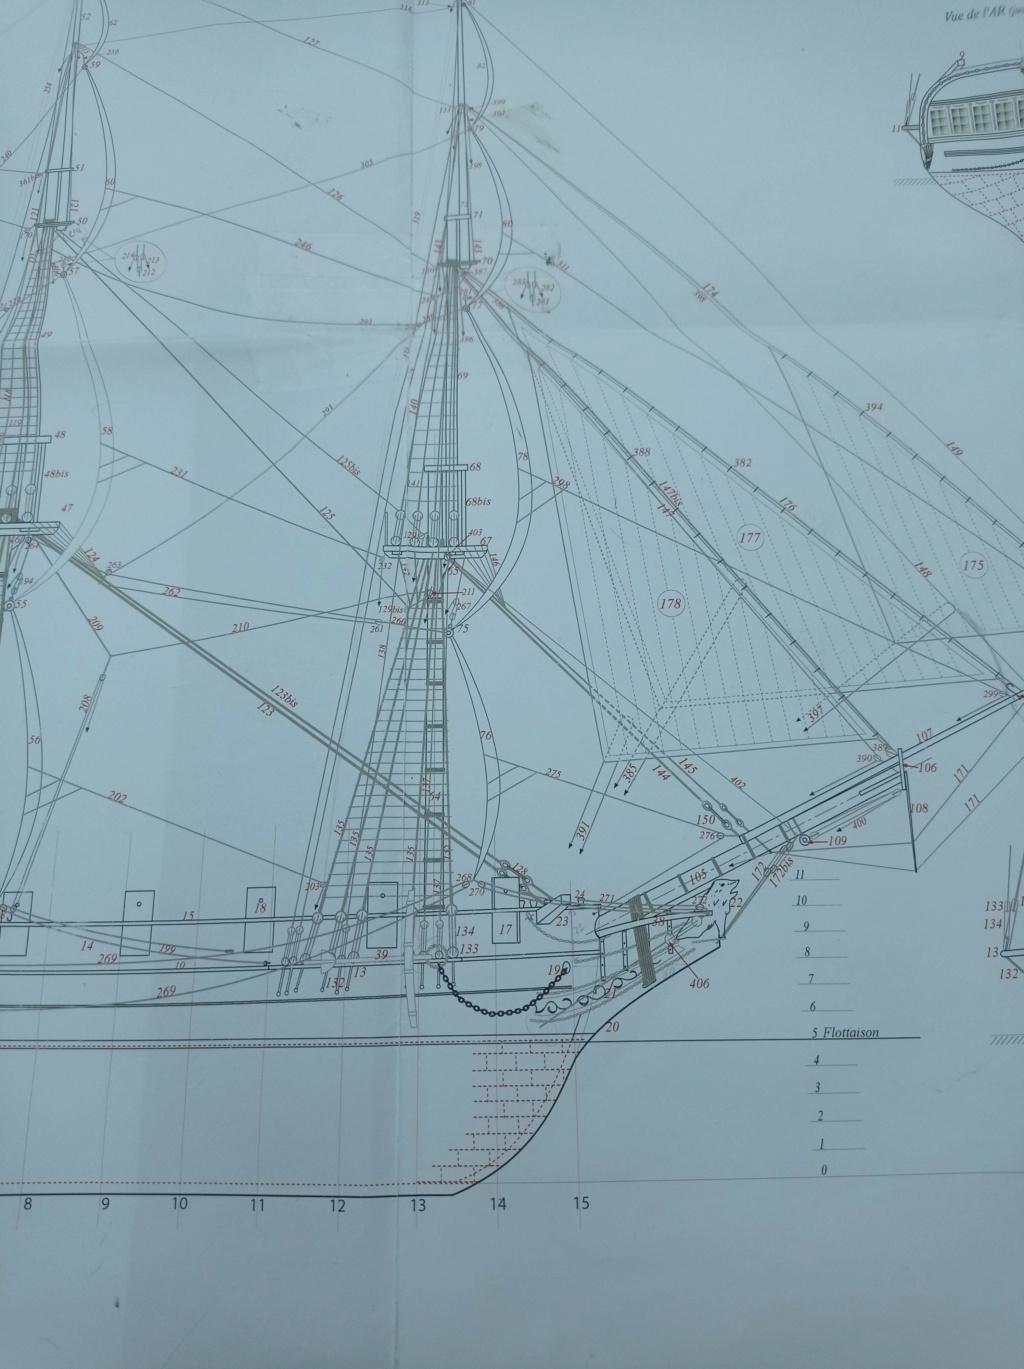 L'Astrolabe 1812 (Mantua & AAMM 1/50°) par kerezou - Page 15 Img_2083